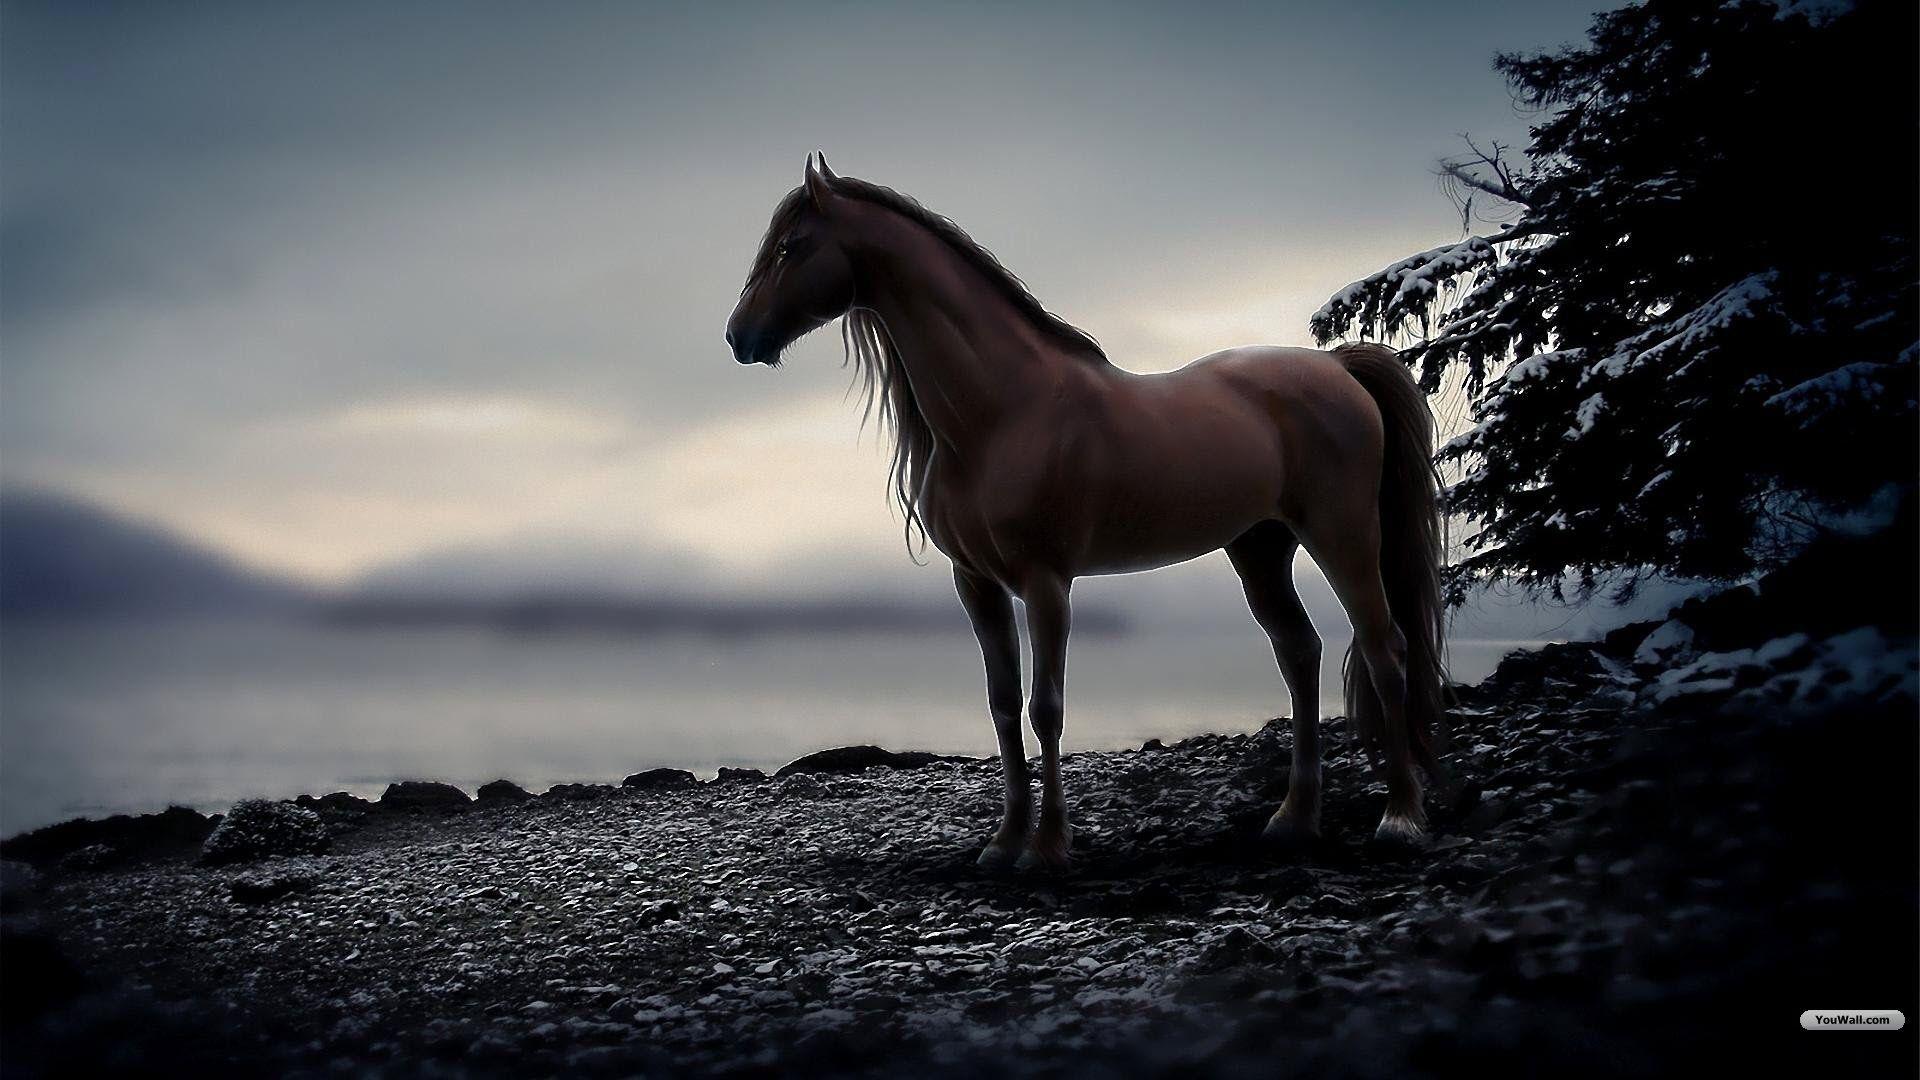 2560 Horse Jpg 1920 1080 Horses Horse Wallpaper Beautiful Horses